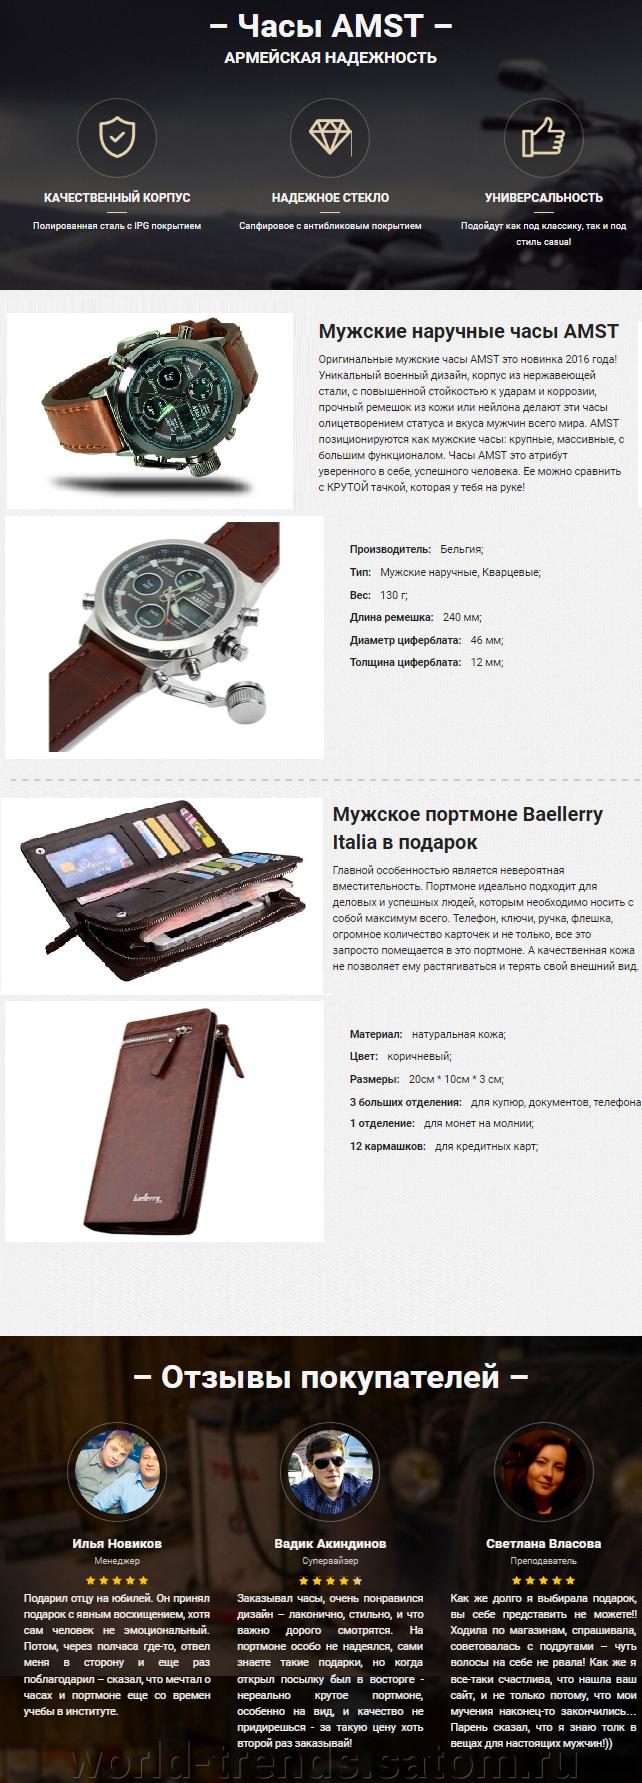 Комплект часы Tissot + портмоне Baellerry. Кожаное портмоне в категории  часы наручные и карманные Подробности 0a70f8c8f35